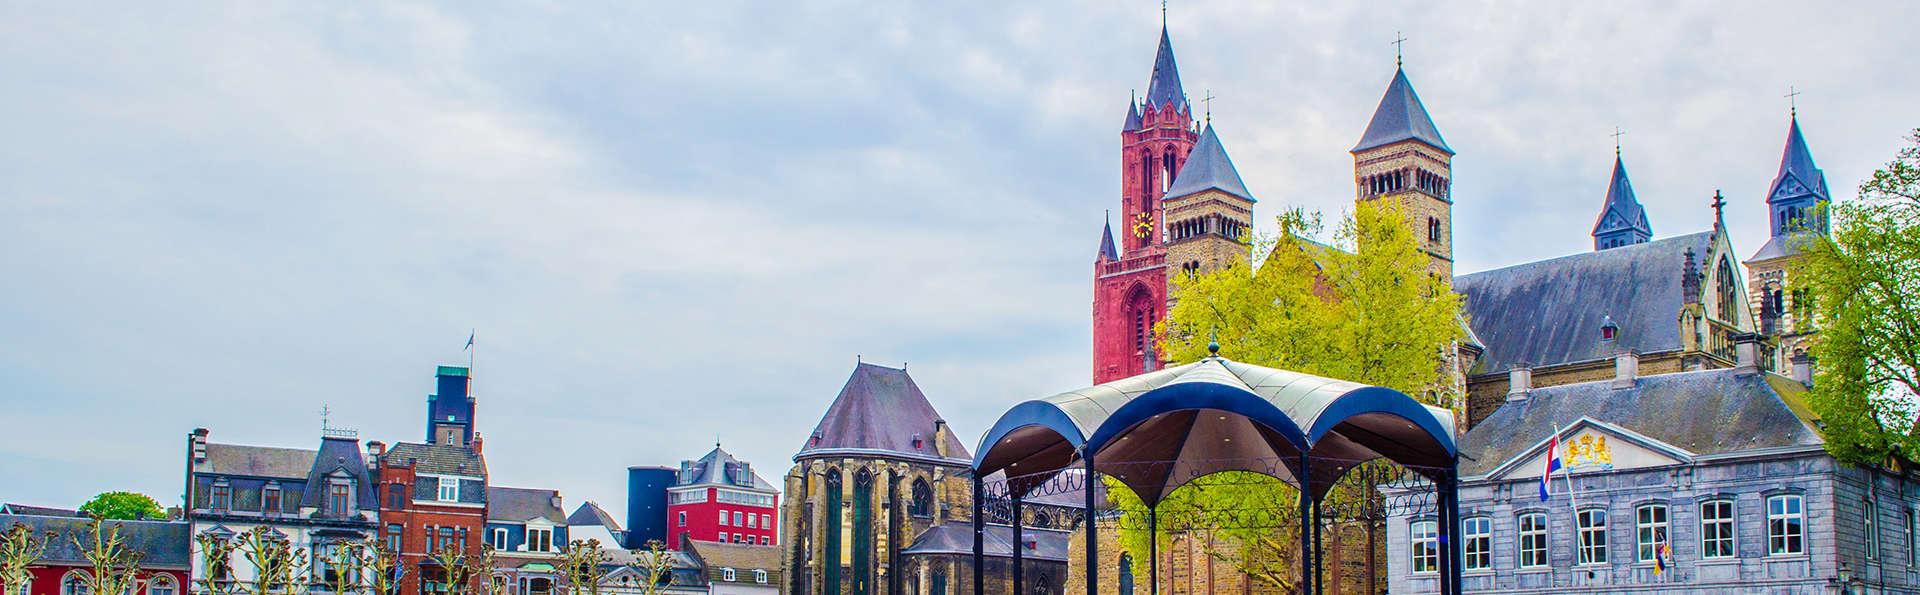 Entre plaisir et découverte, c'est parti pour Maastricht !